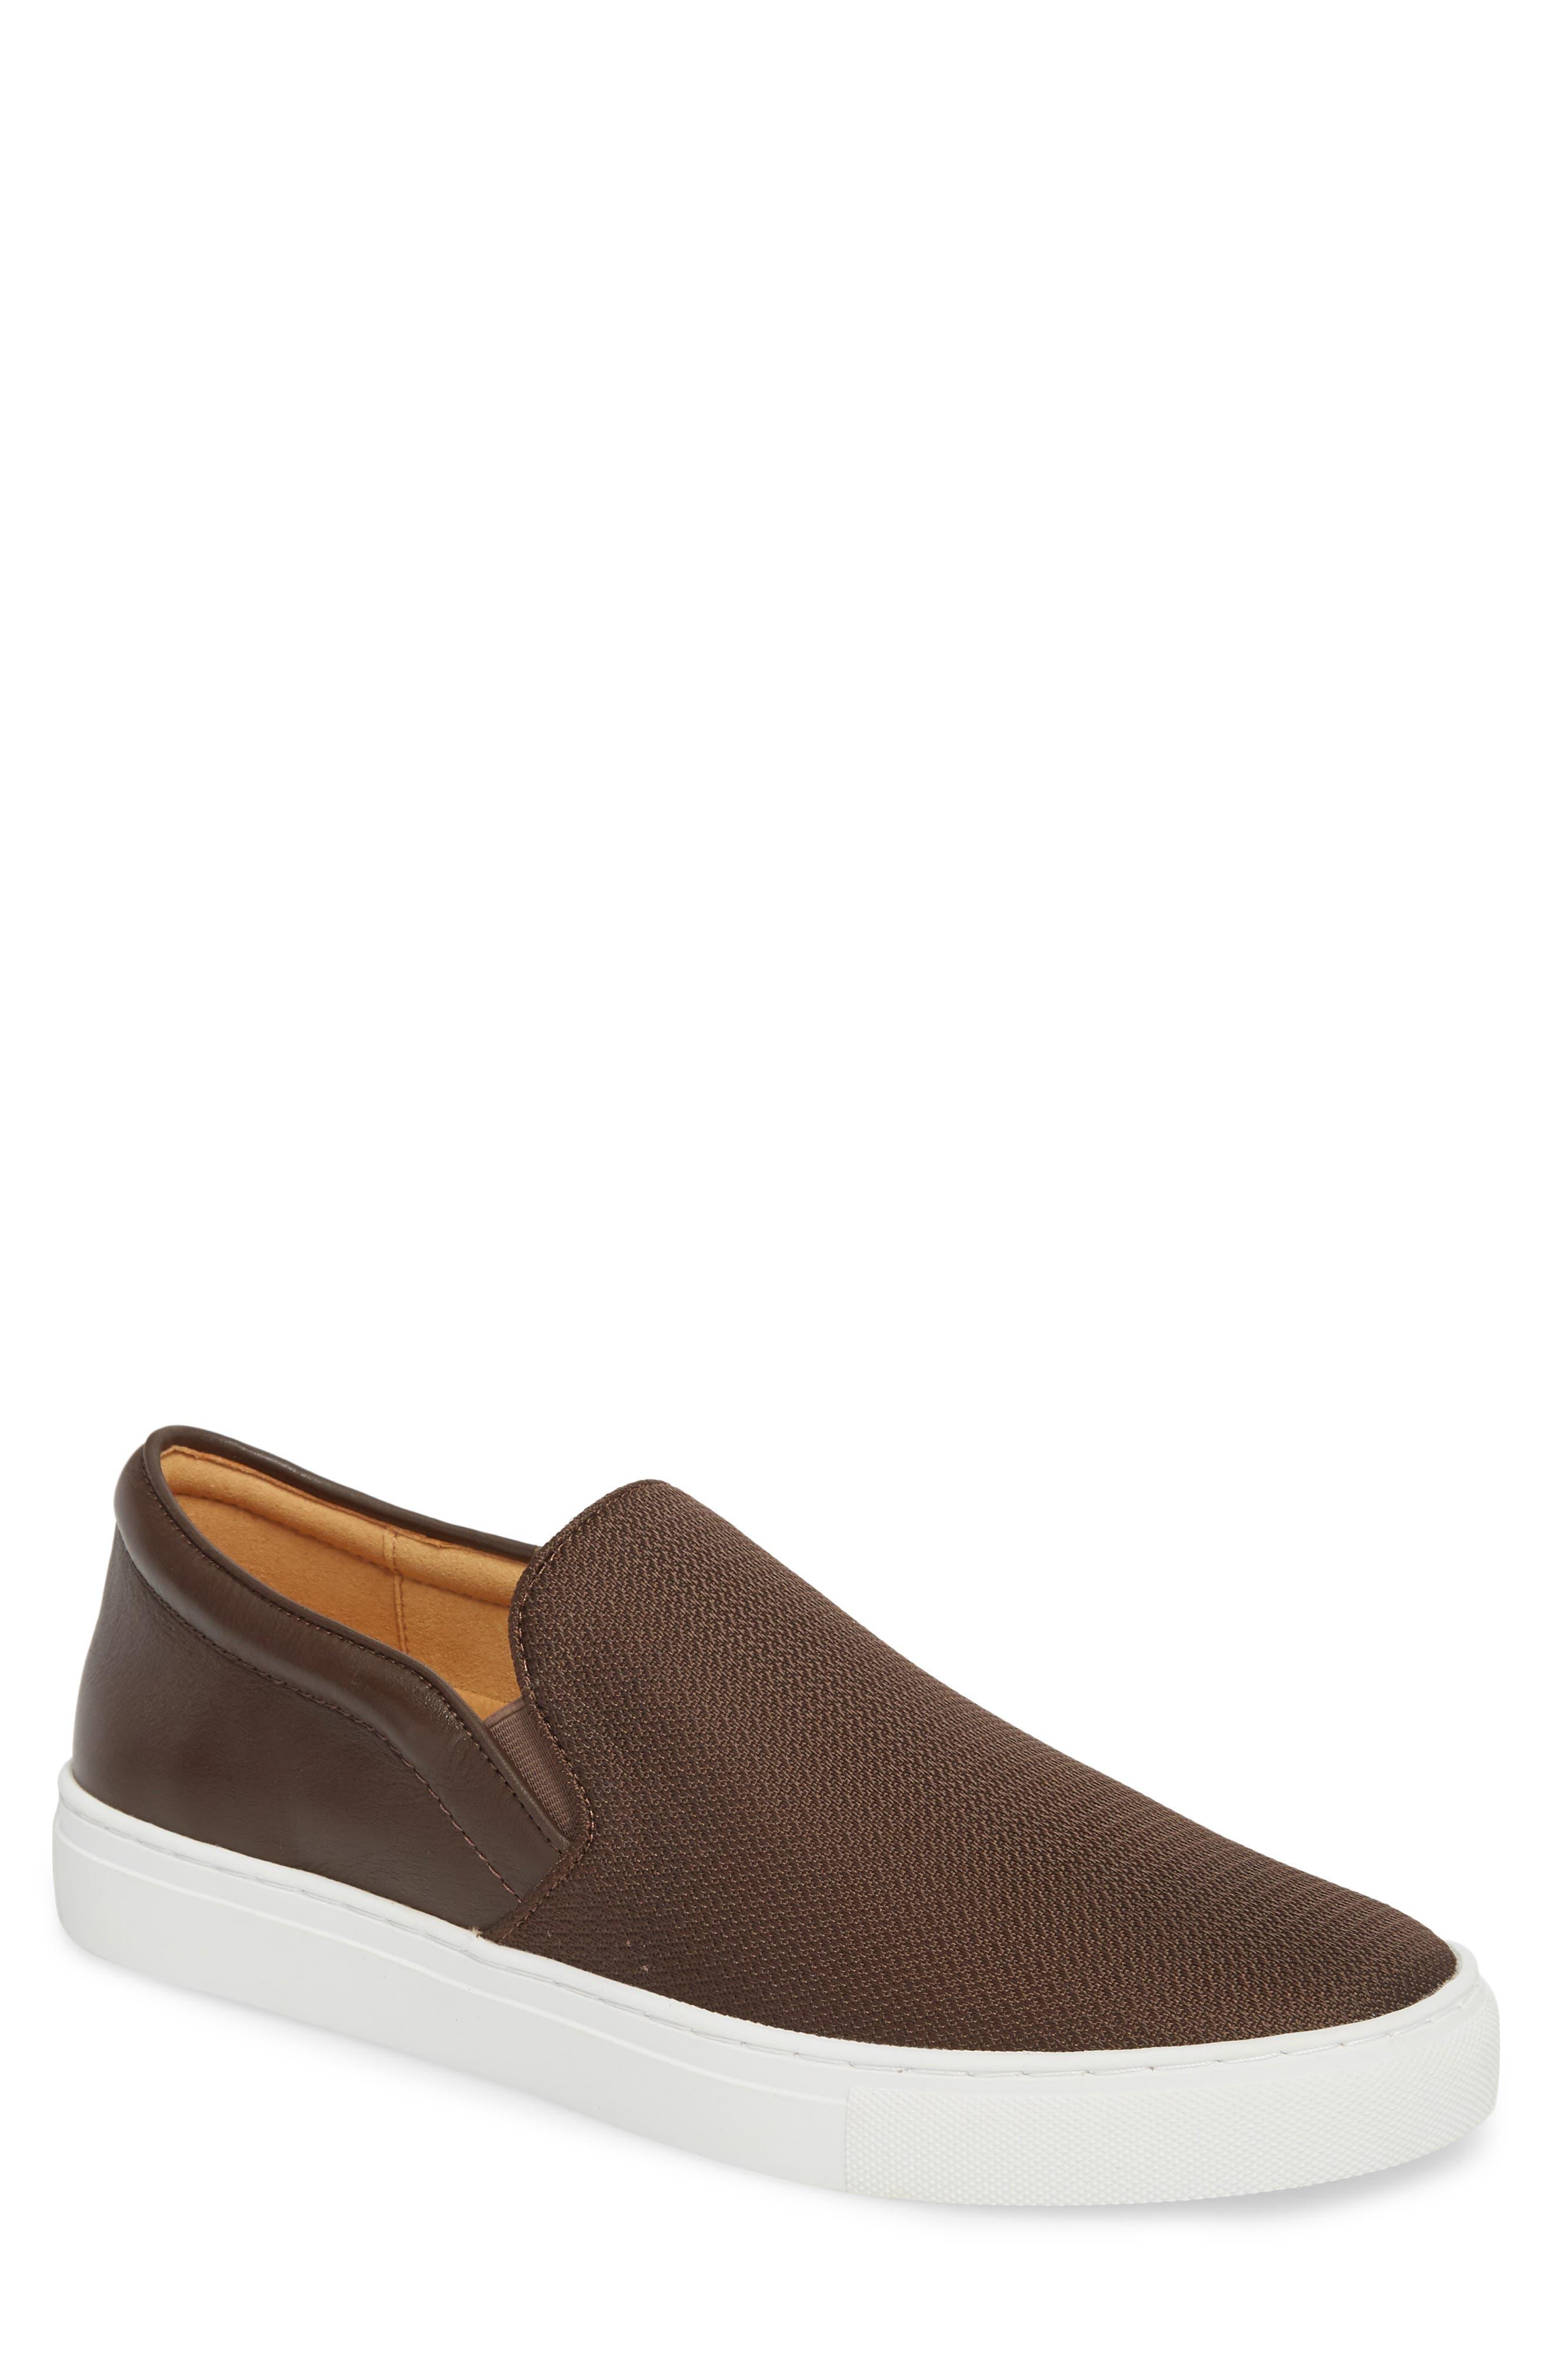 Albin Raffia Slip-On Sneaker,                         Main,                         color, Espresso